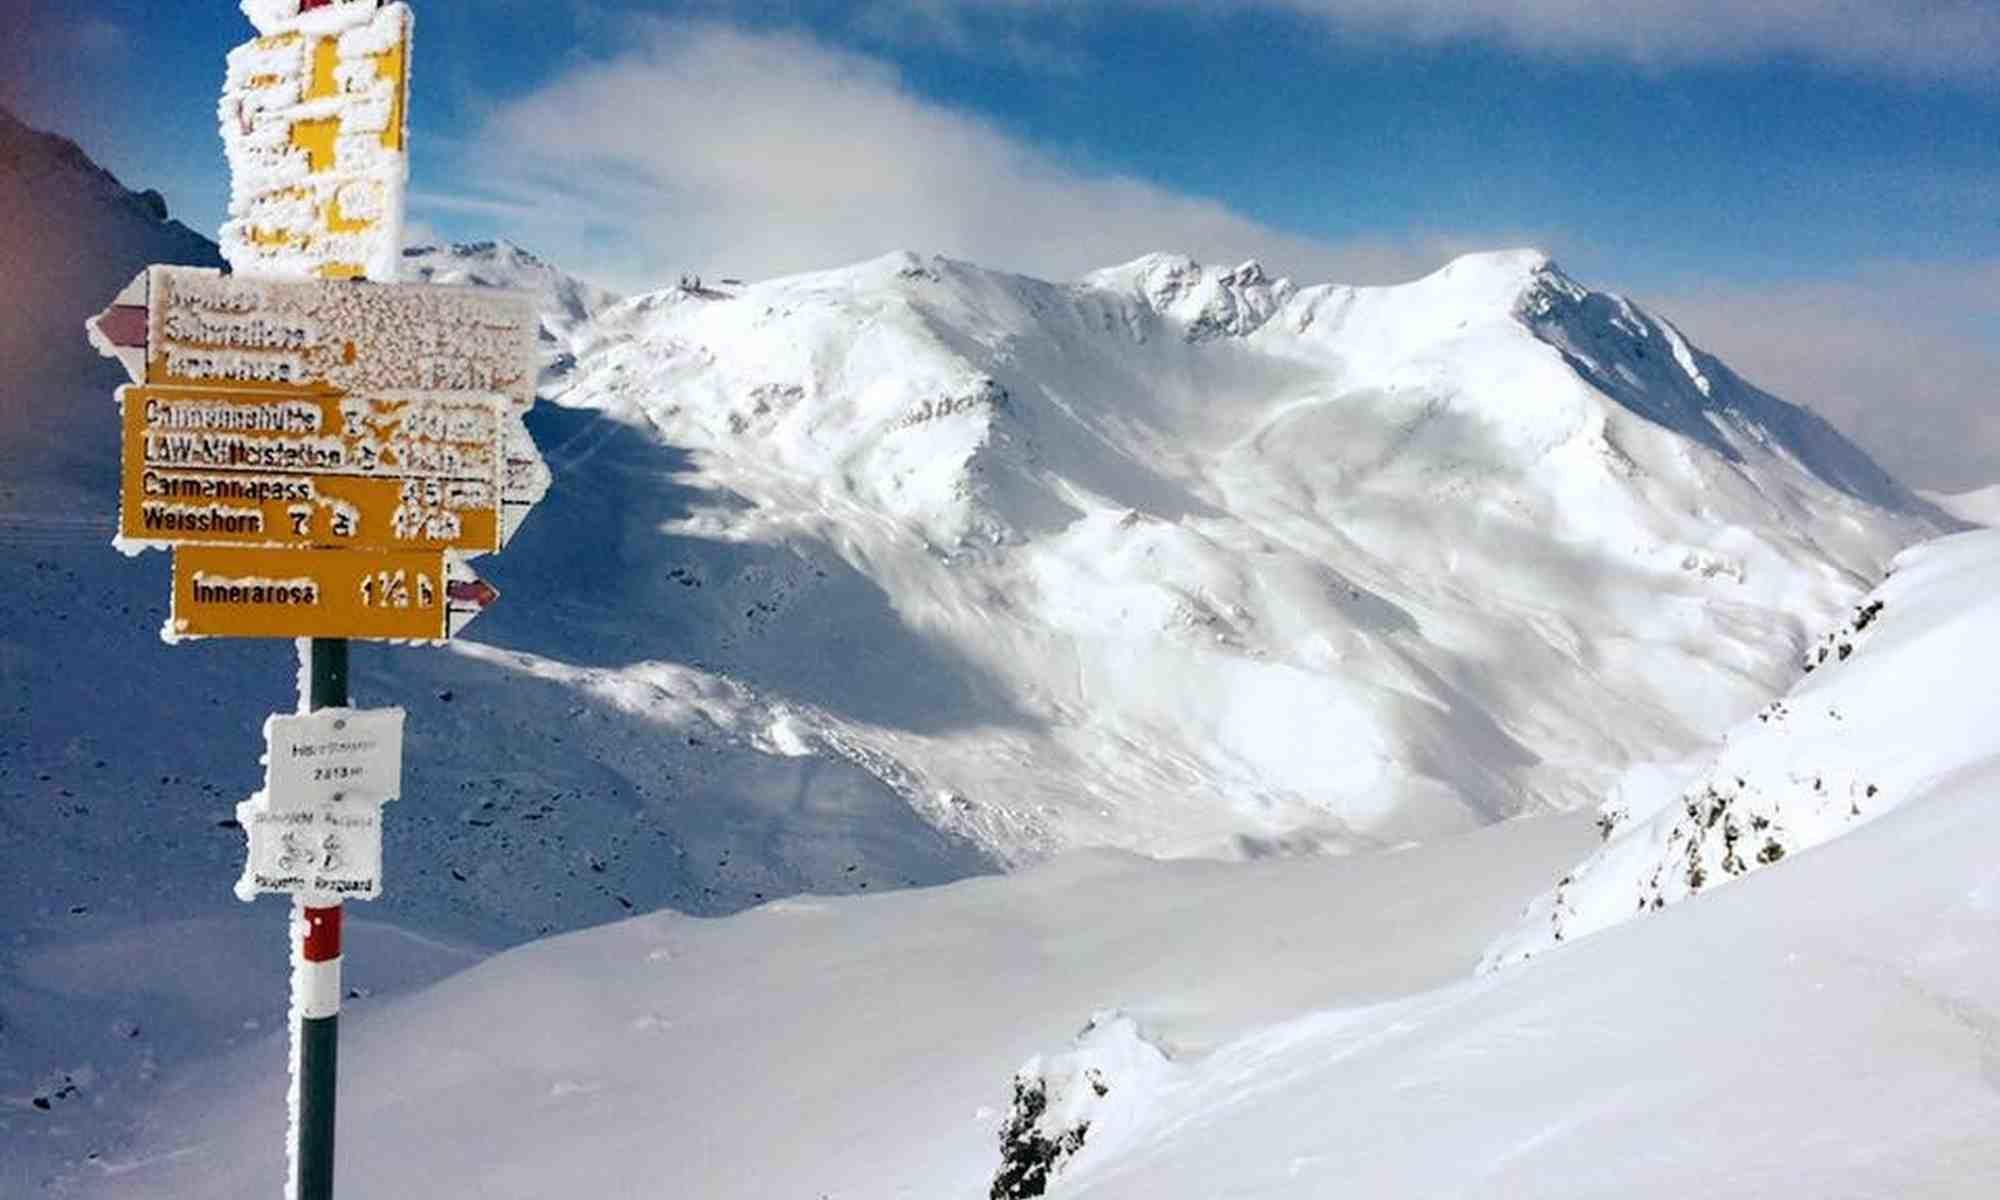 Arosa im Winter - verschneite Wanderwege